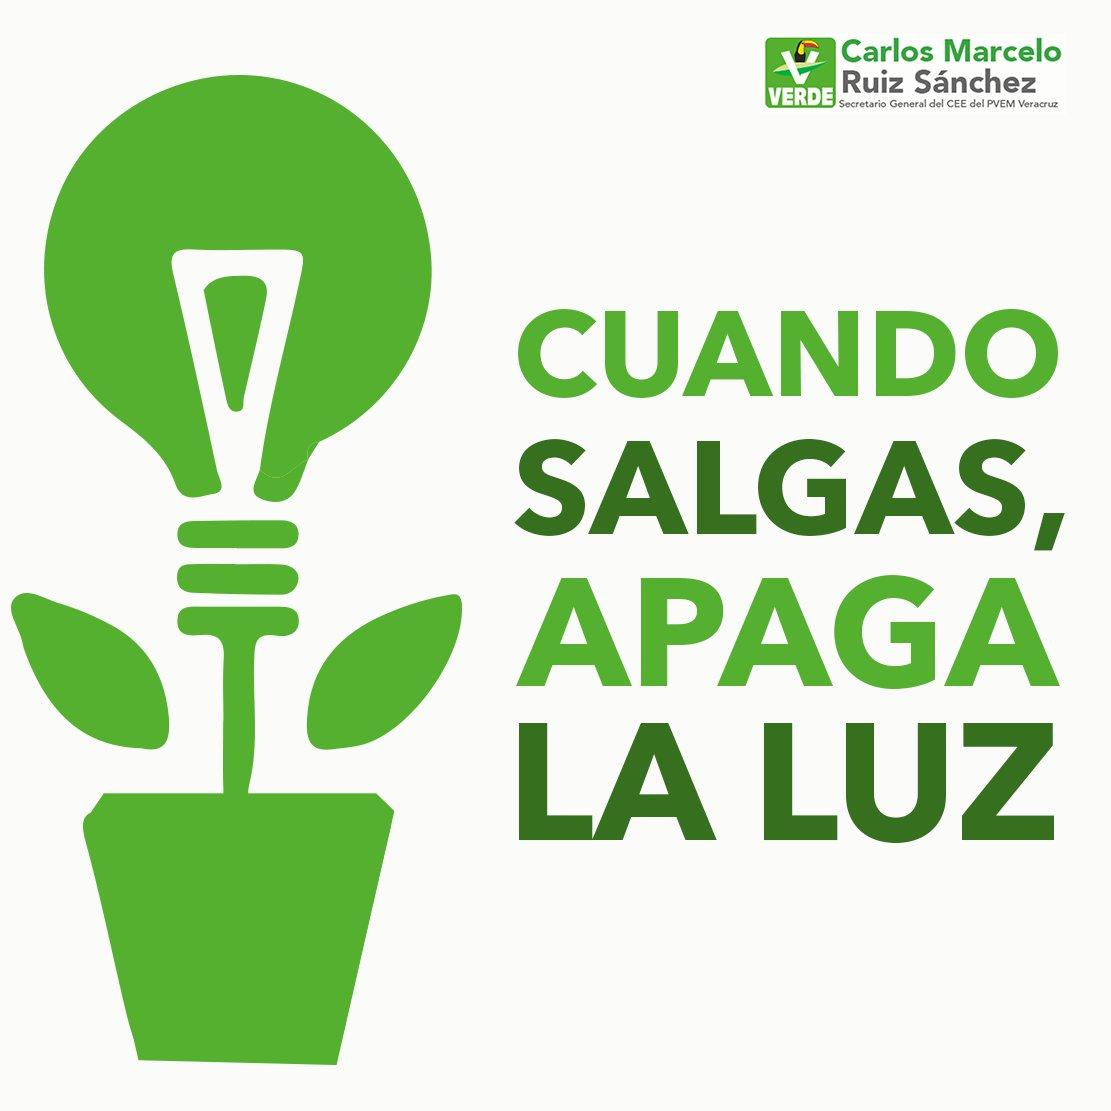 Carlos marcelo ruiz s nchez on twitter por un planeta - Luz y ambiente ...